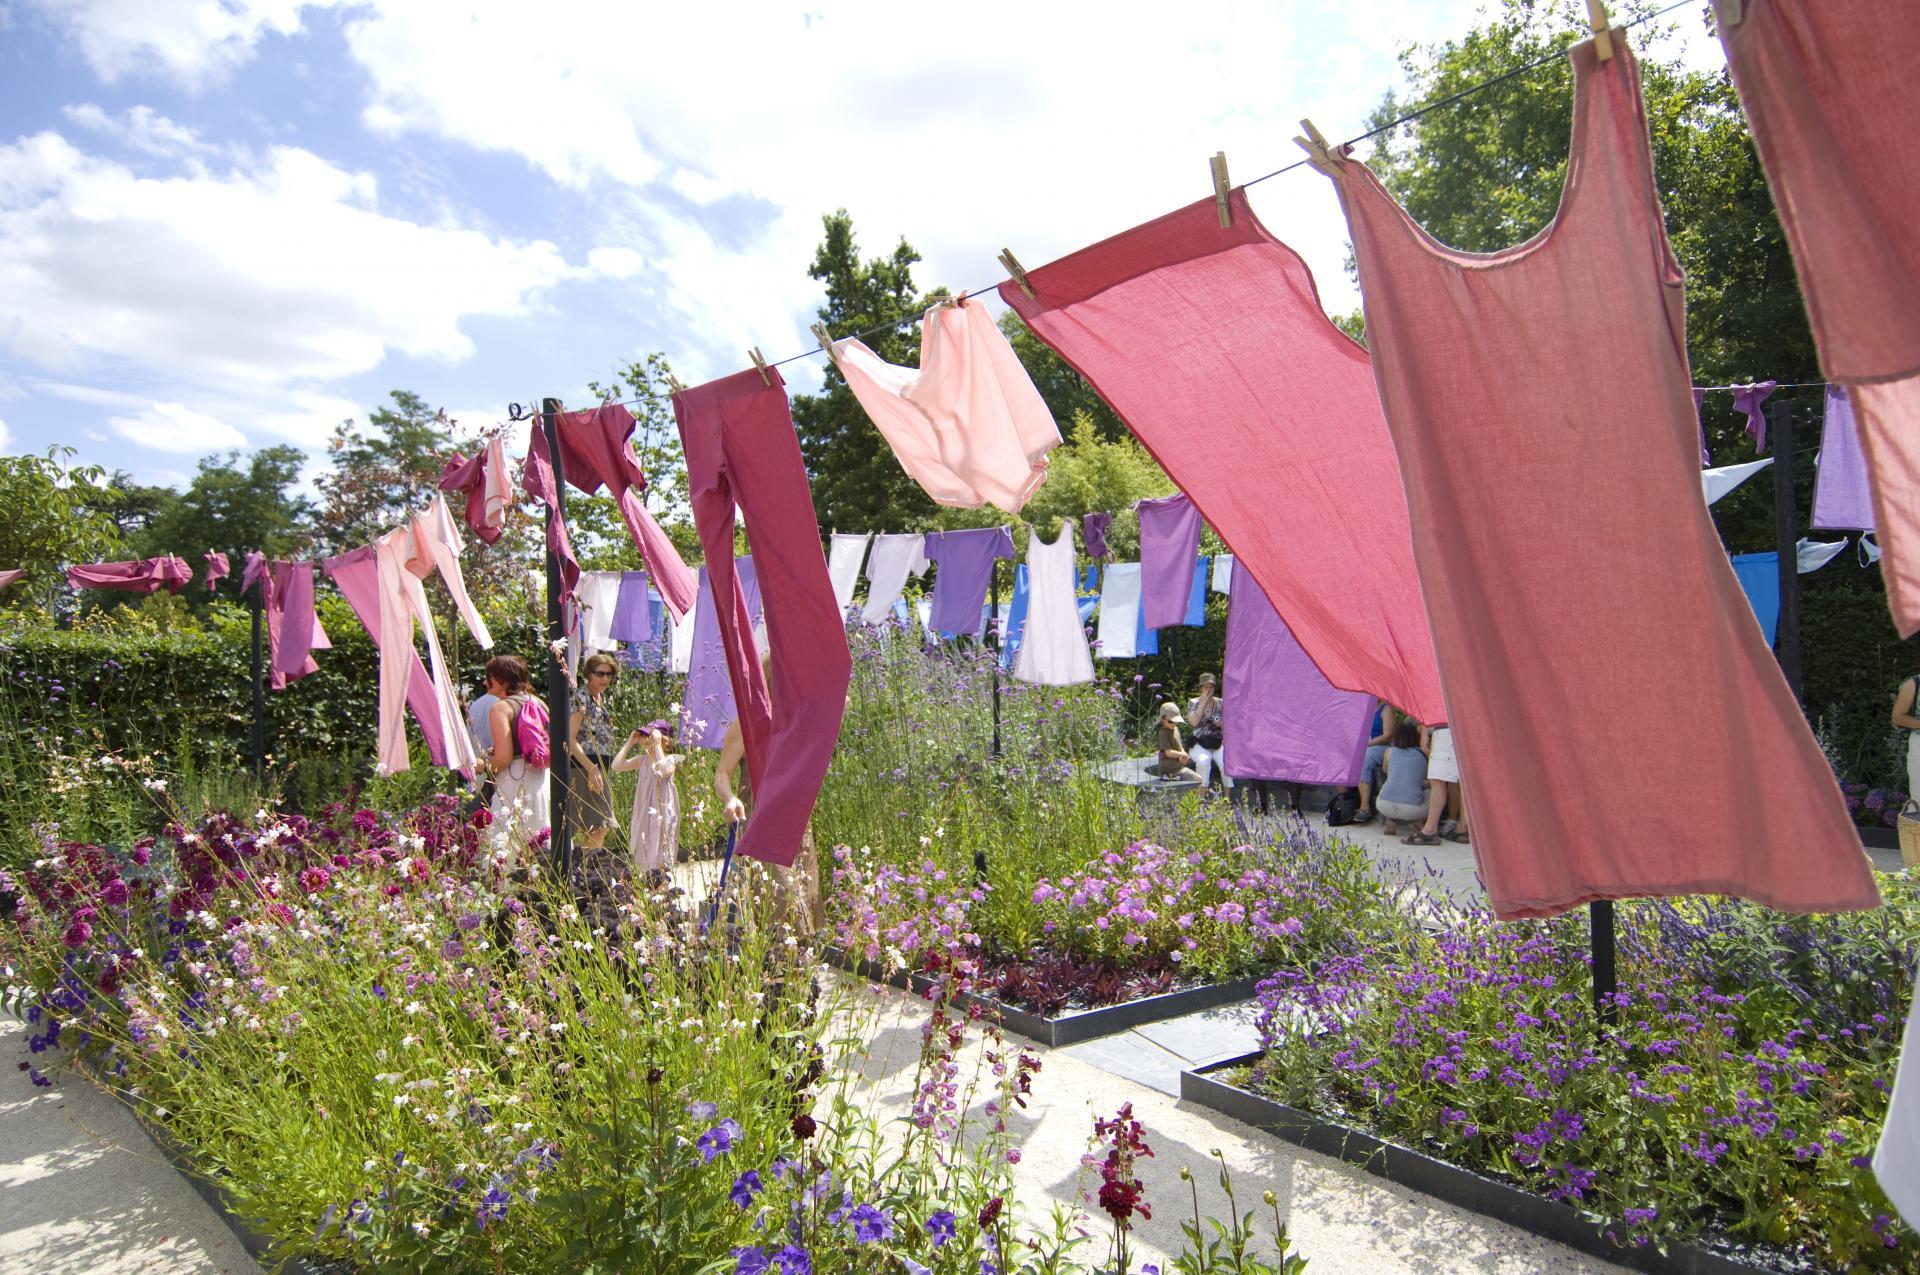 Festival Des Jardins Chaumont Sur Loire 2009 les châteaux du périgord : les plus beaux châteaux à visiter